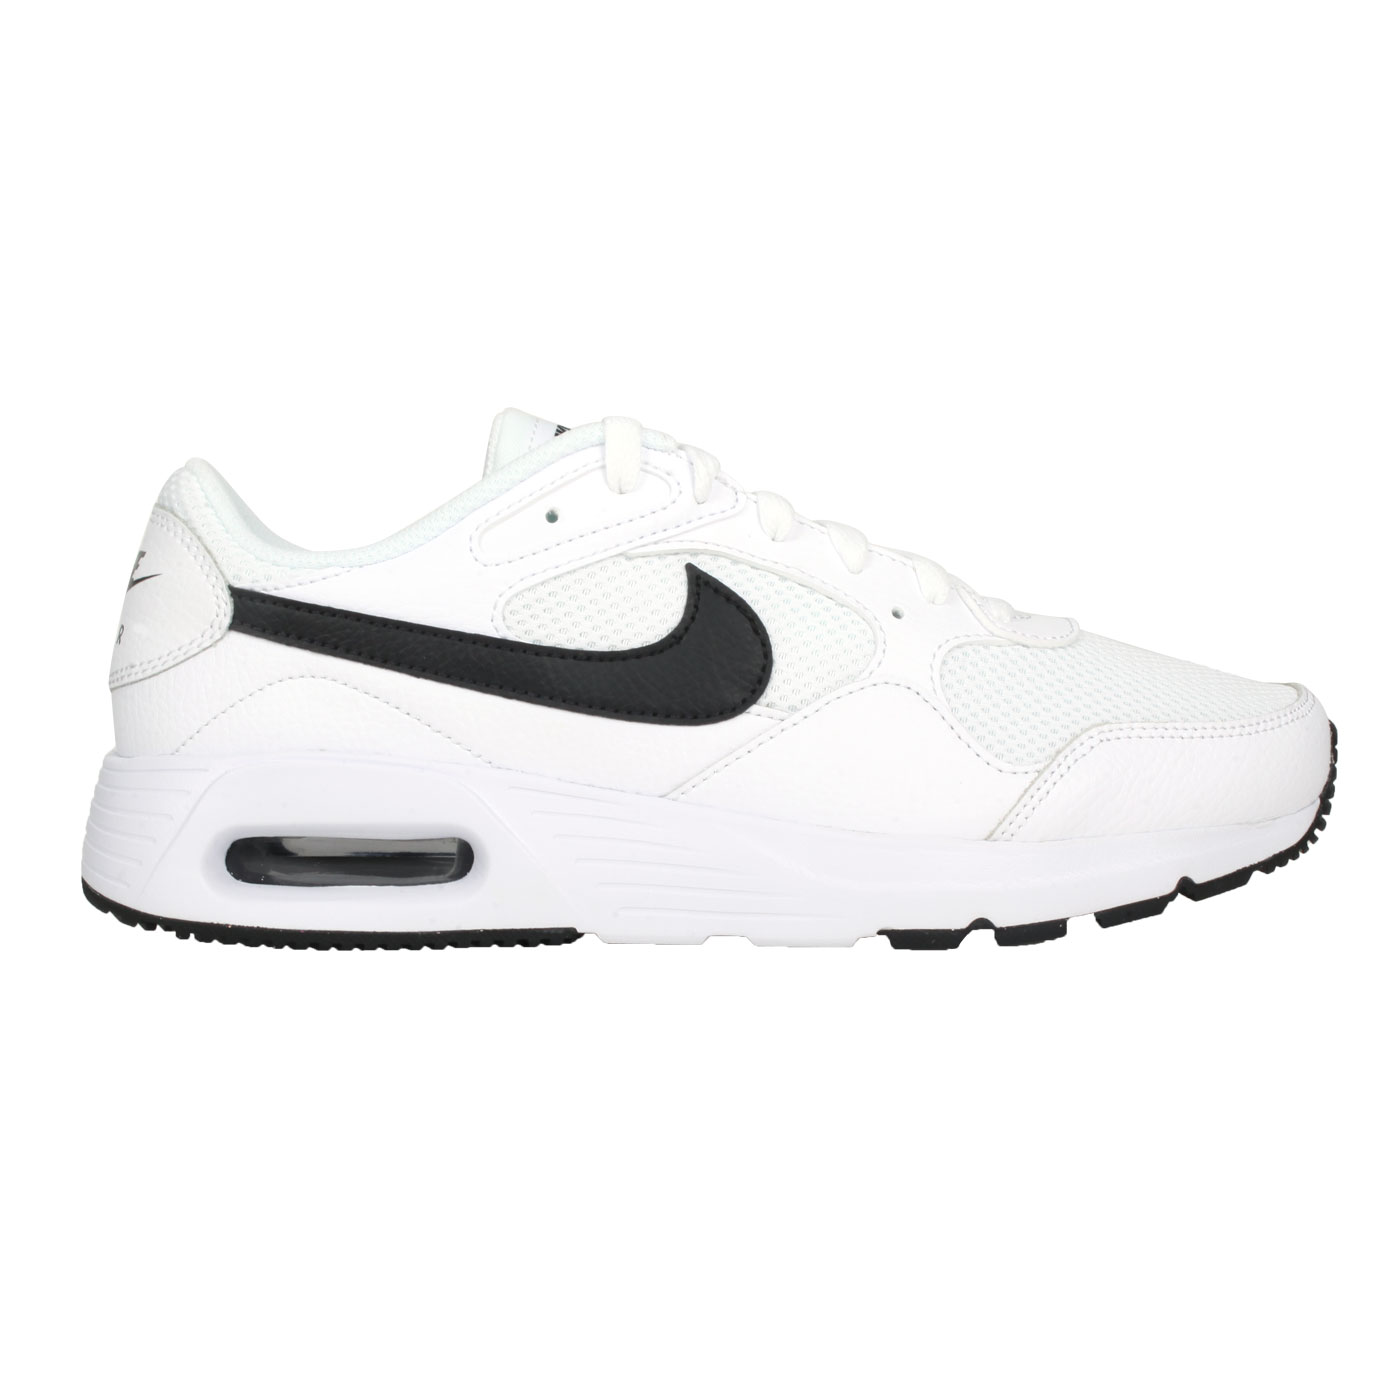 NIKE 男款休閒運動鞋  @AIR MAX SC@CW4555102 - 白黑